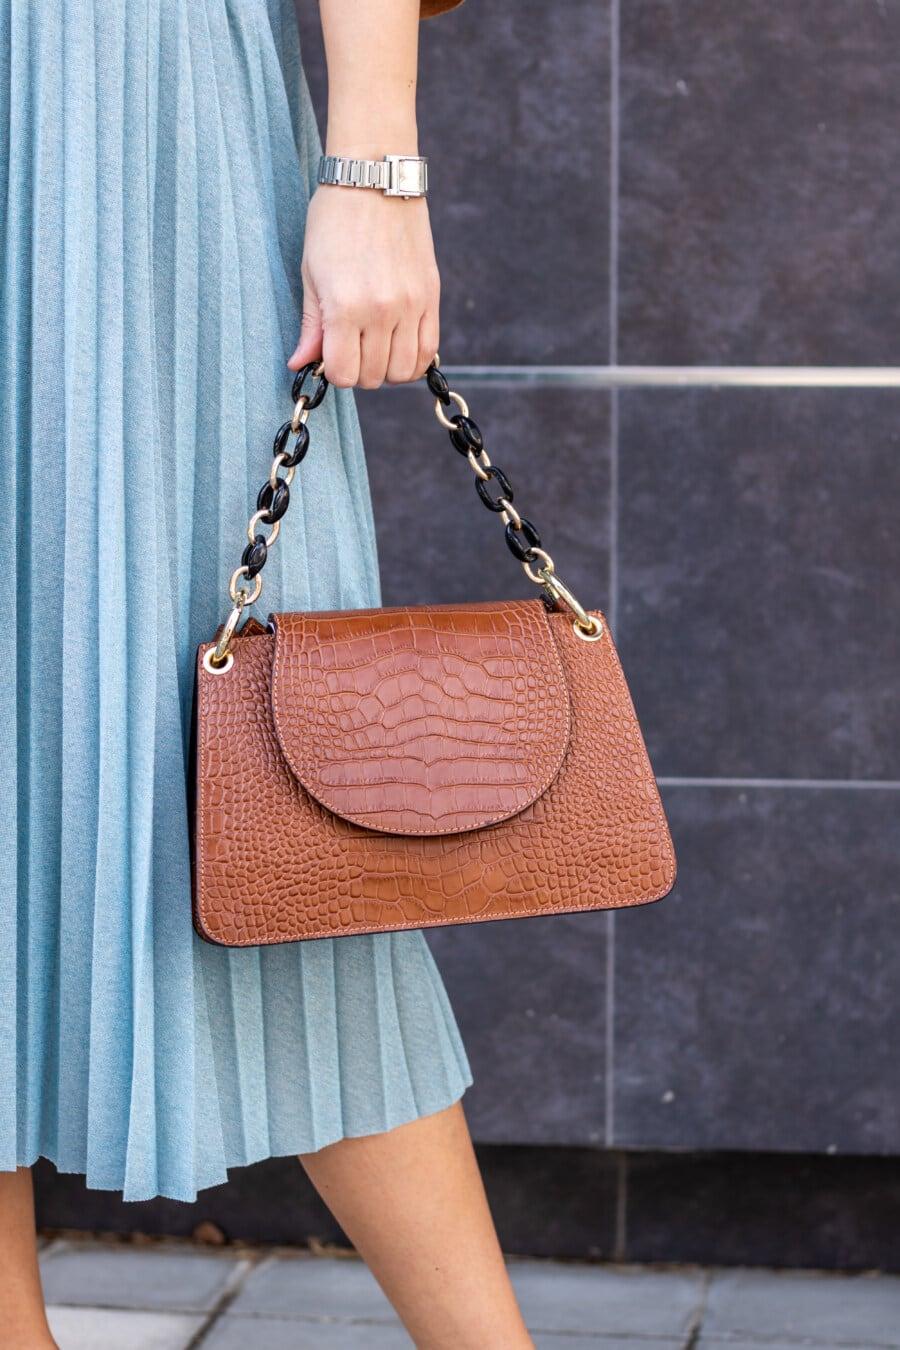 Braun, Handtasche, Leder, halten, Frau, Rock, Mode, elegant, Glanz, Porträt